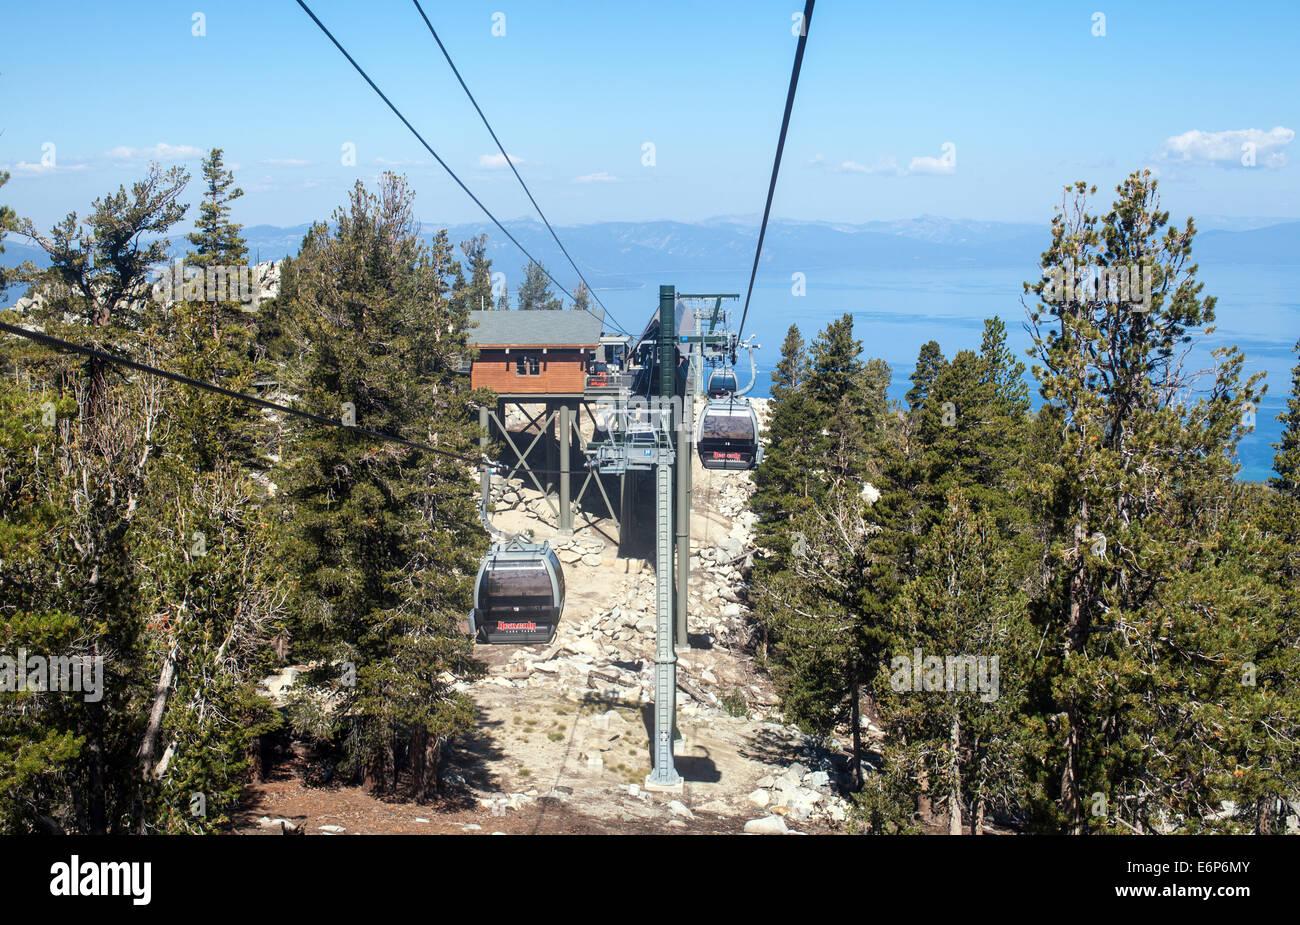 lake tahoe gondola stock photos & lake tahoe gondola stock images